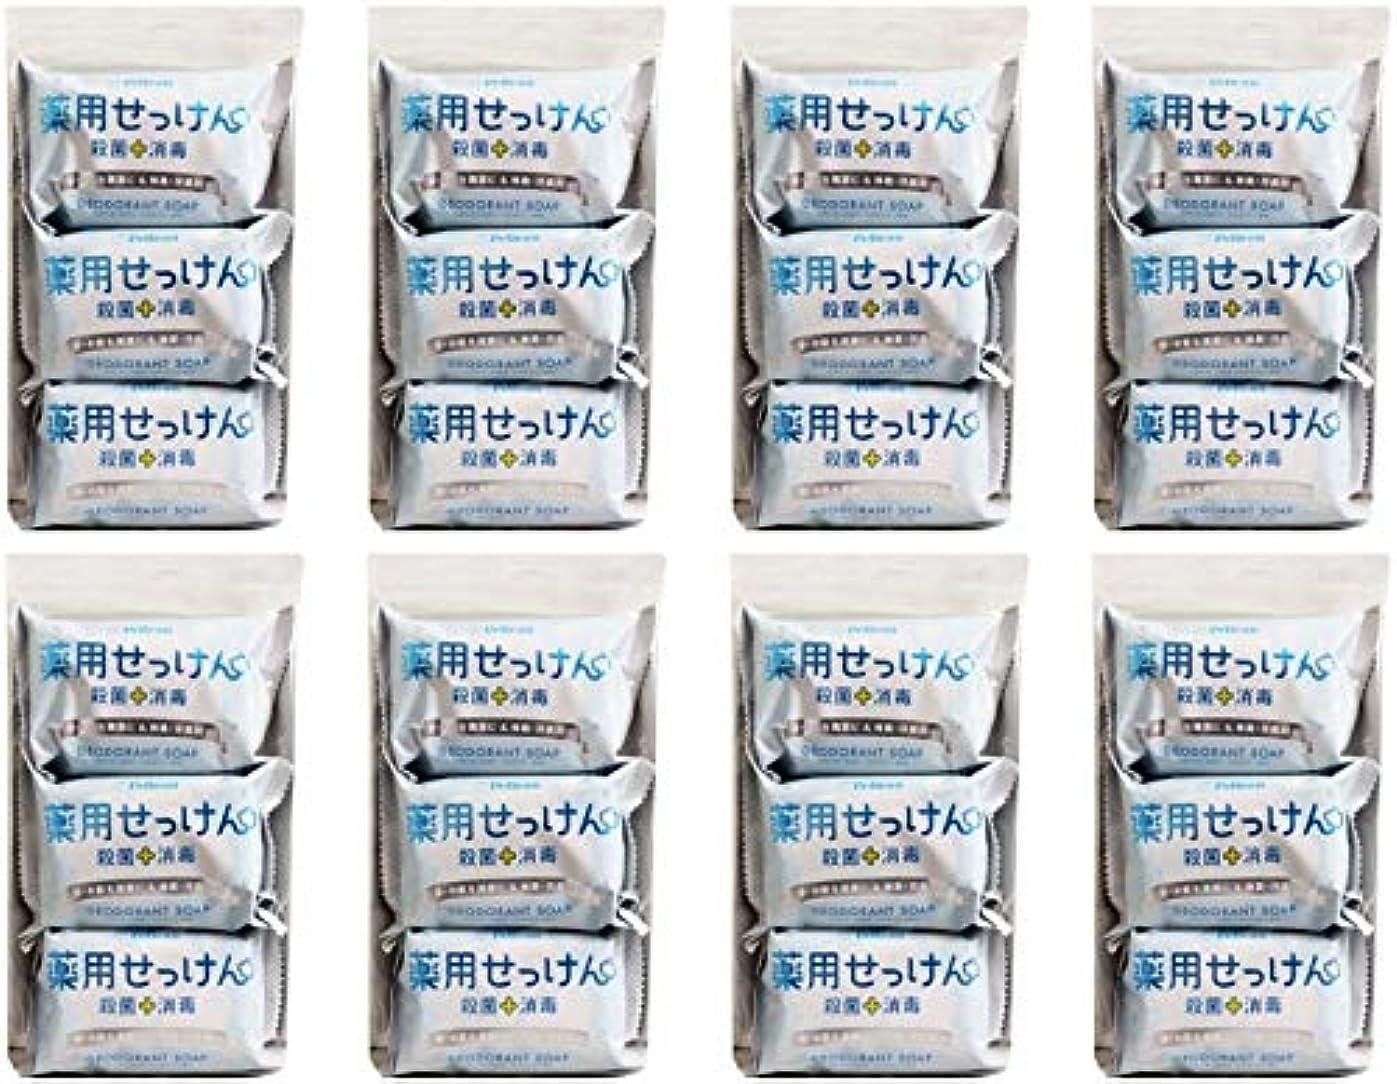 くるくる摘むオリエンタル【まとめ買い】ペリカン石鹸 薬用せっけん 85g×3個【×8個】